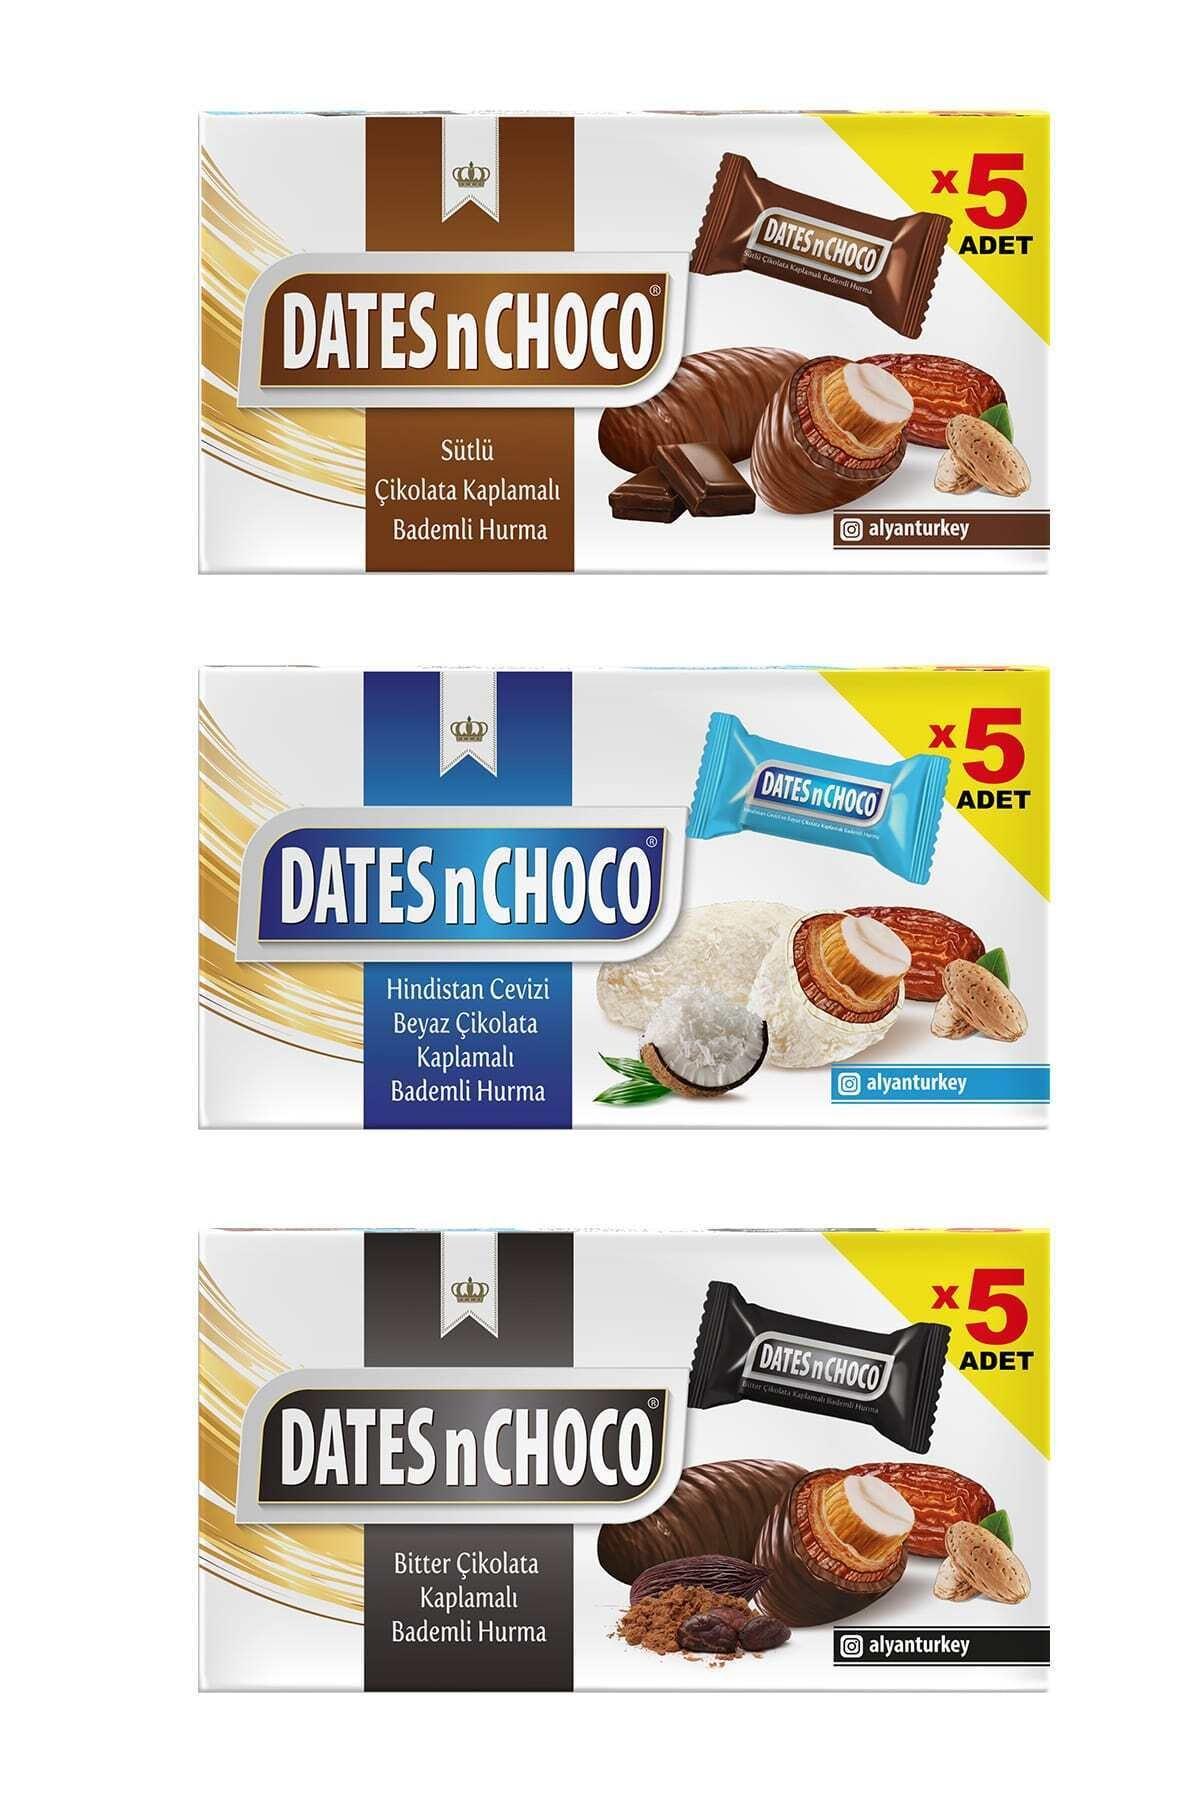 Sütlü + Hindistan Cevizi ve Beyaz Çikolata + Bitter Çikolata Kaplı Hurma